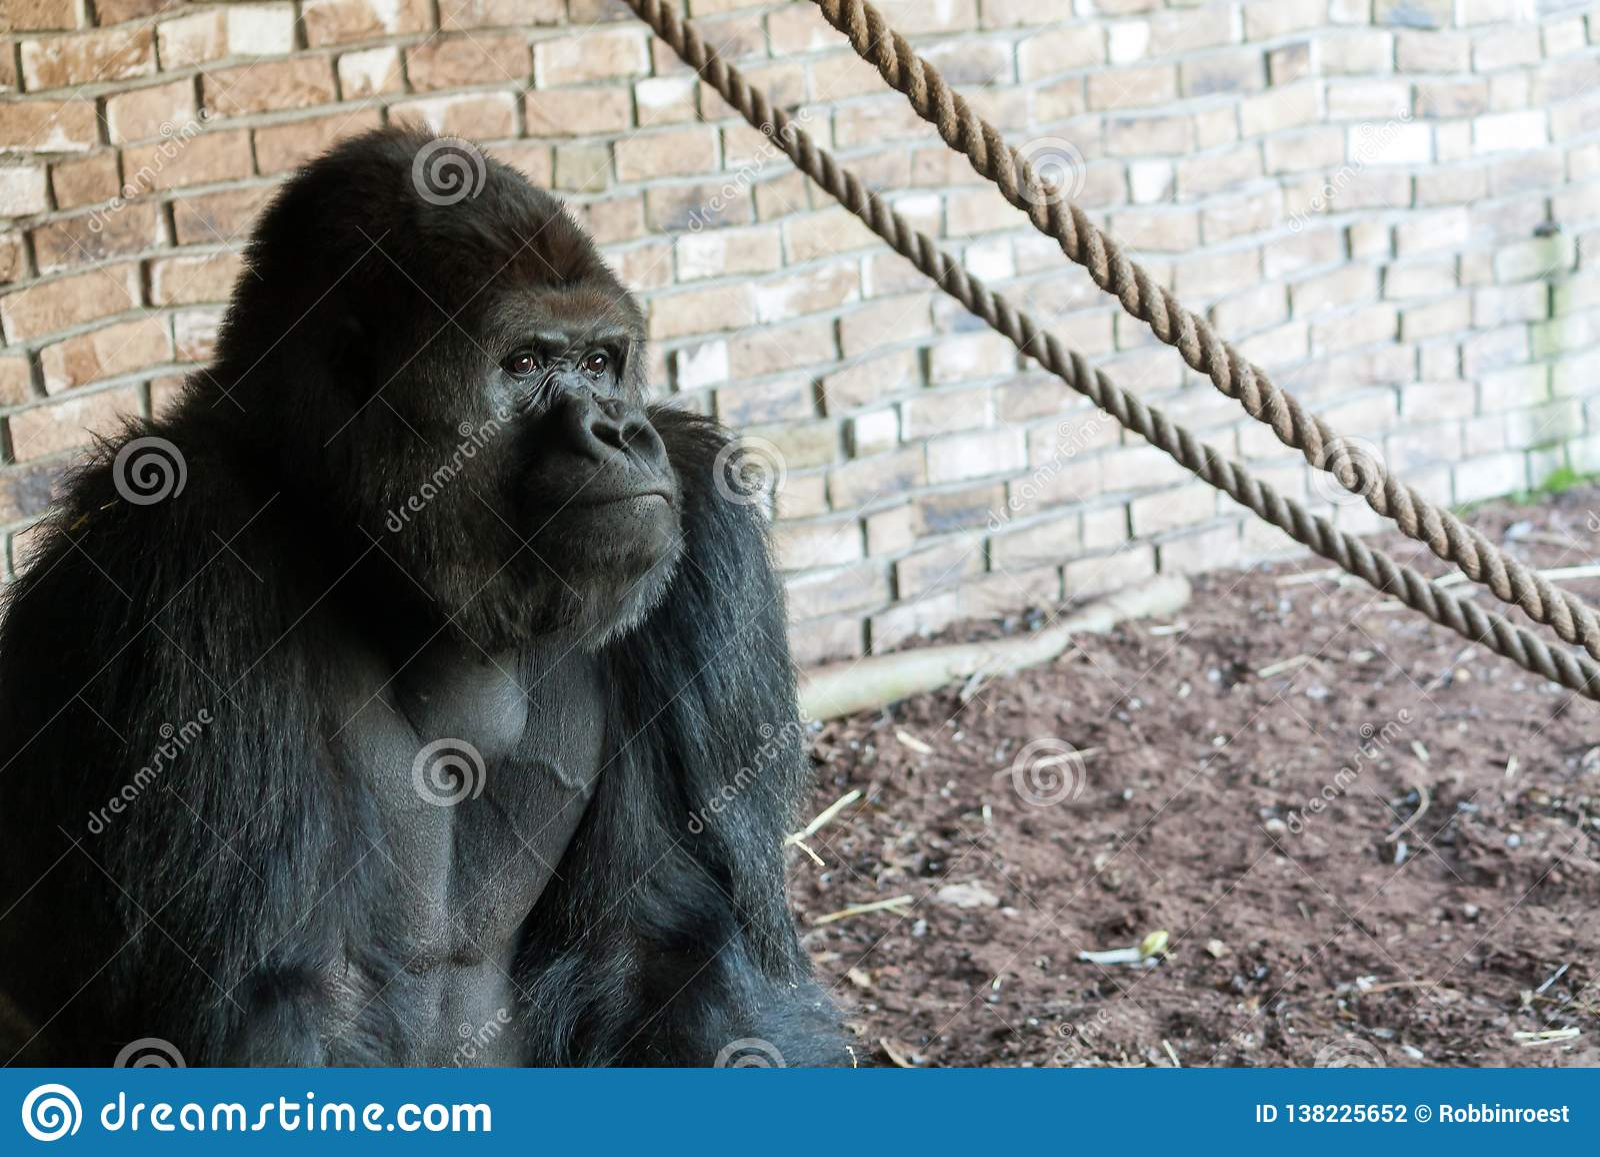 Taaie gorilla